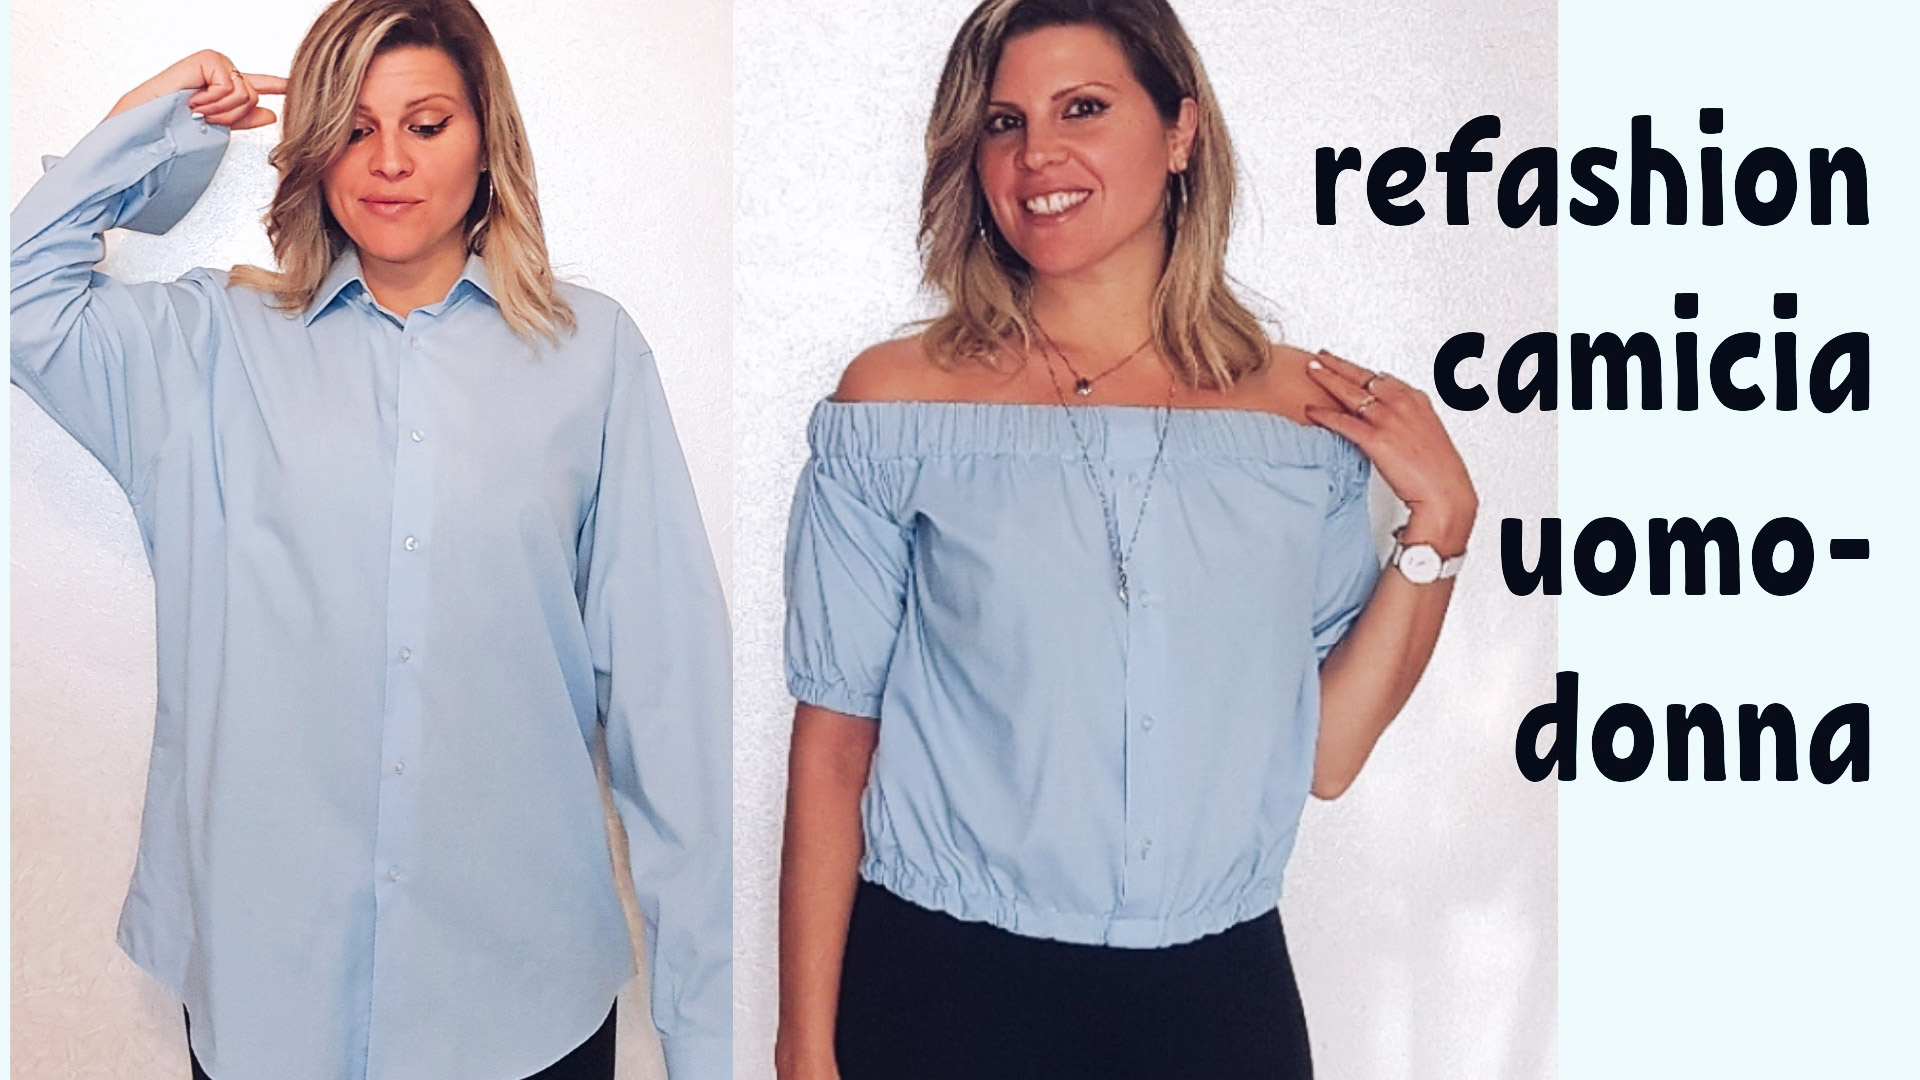 refashion camicia uomo donna – cucito fai da te 40 (2)